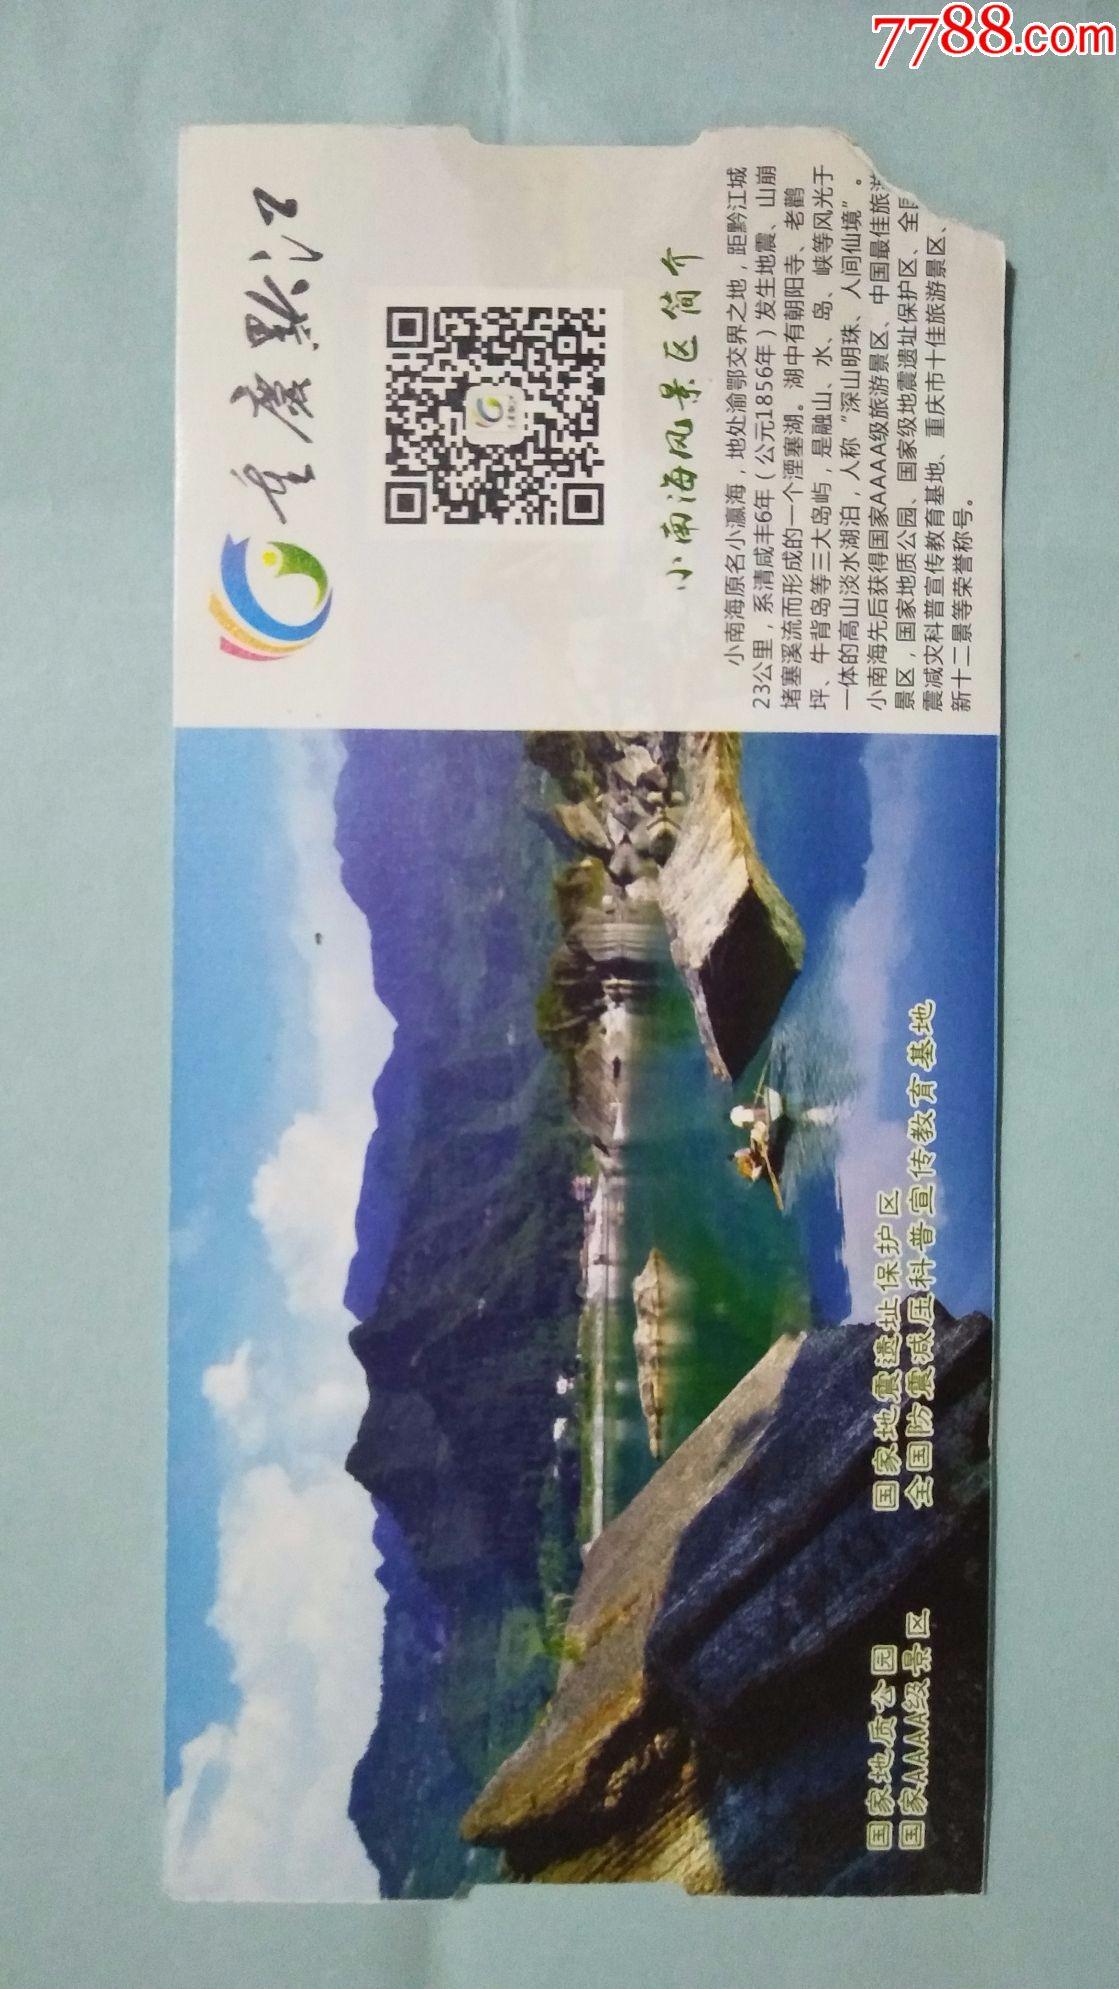 黔江小南海门票-价格:1.0000元-se54849066-旅游景点